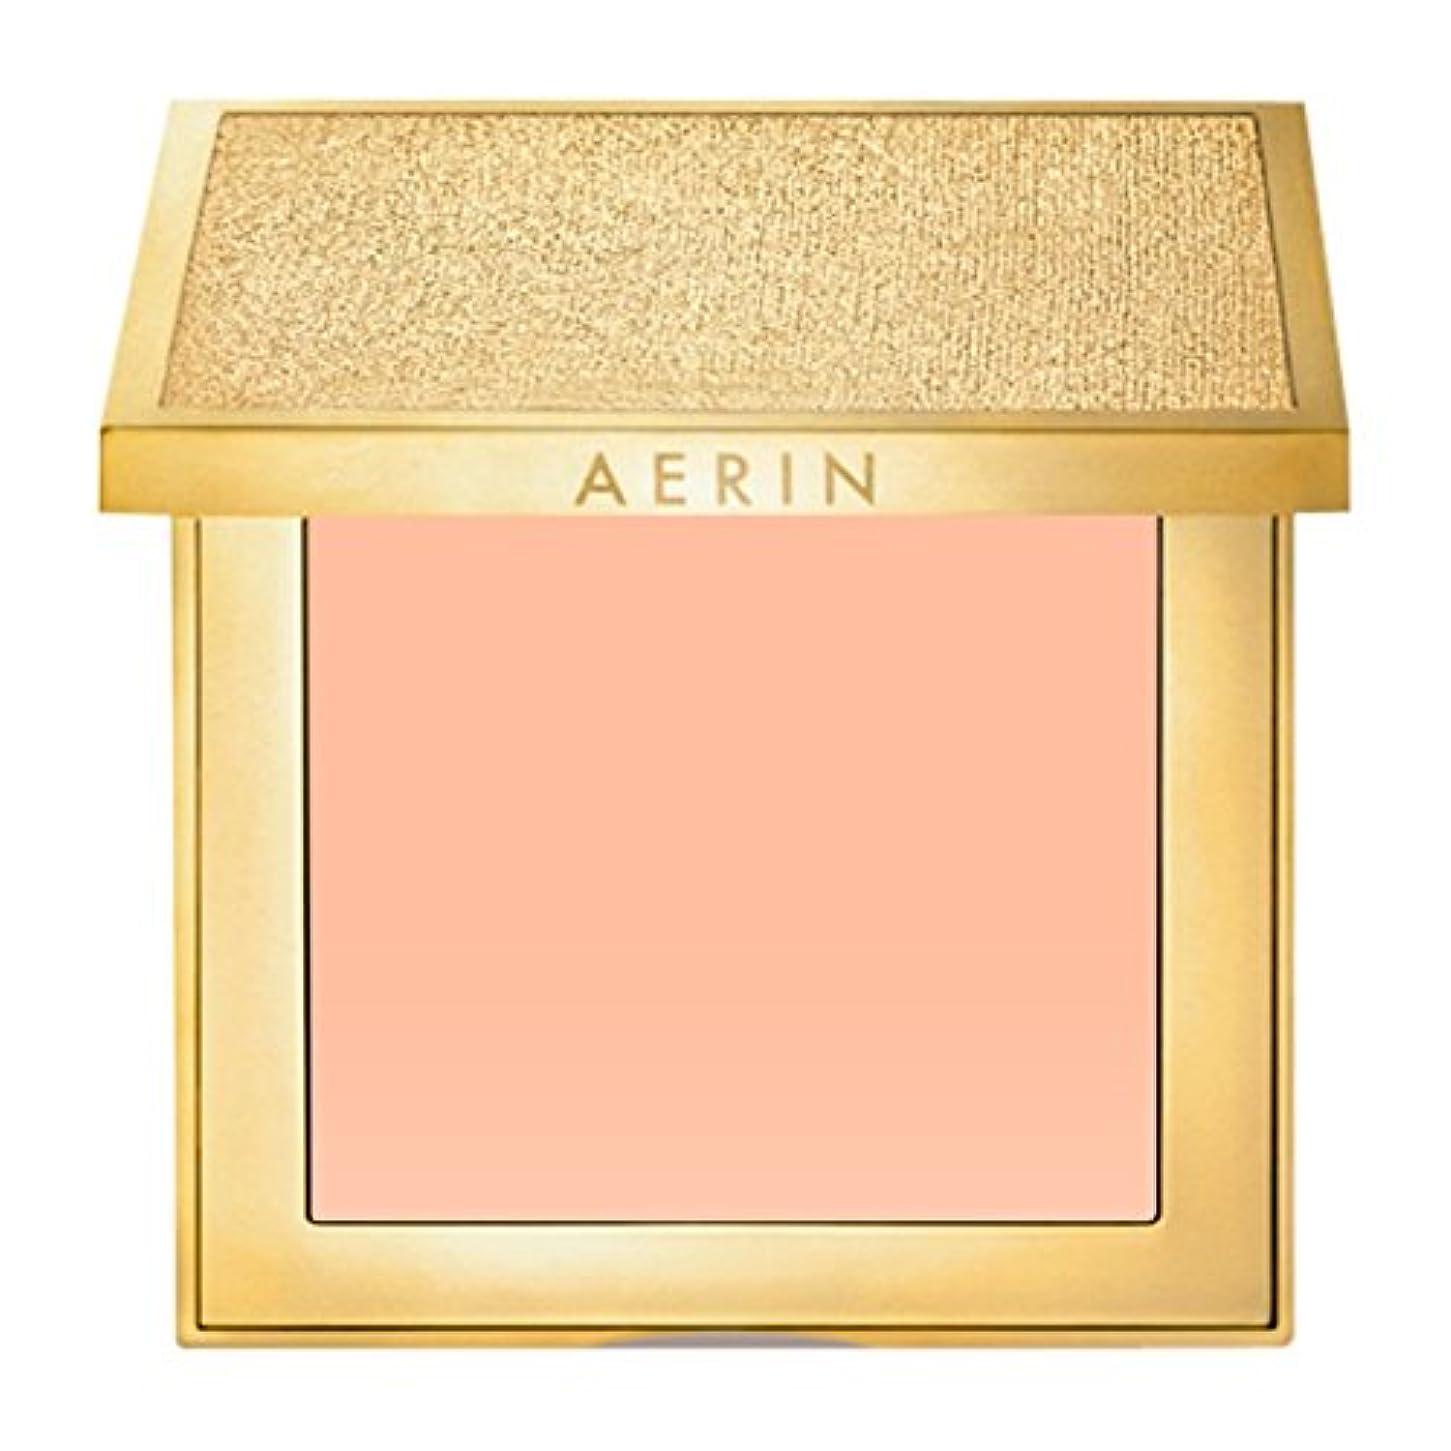 貫通ボイド履歴書Aerin新鮮な肌コンパクトメイクアップレベル3 (AERIN) (x6) - AERIN Fresh Skin Compact Makeup Level 3 (Pack of 6) [並行輸入品]